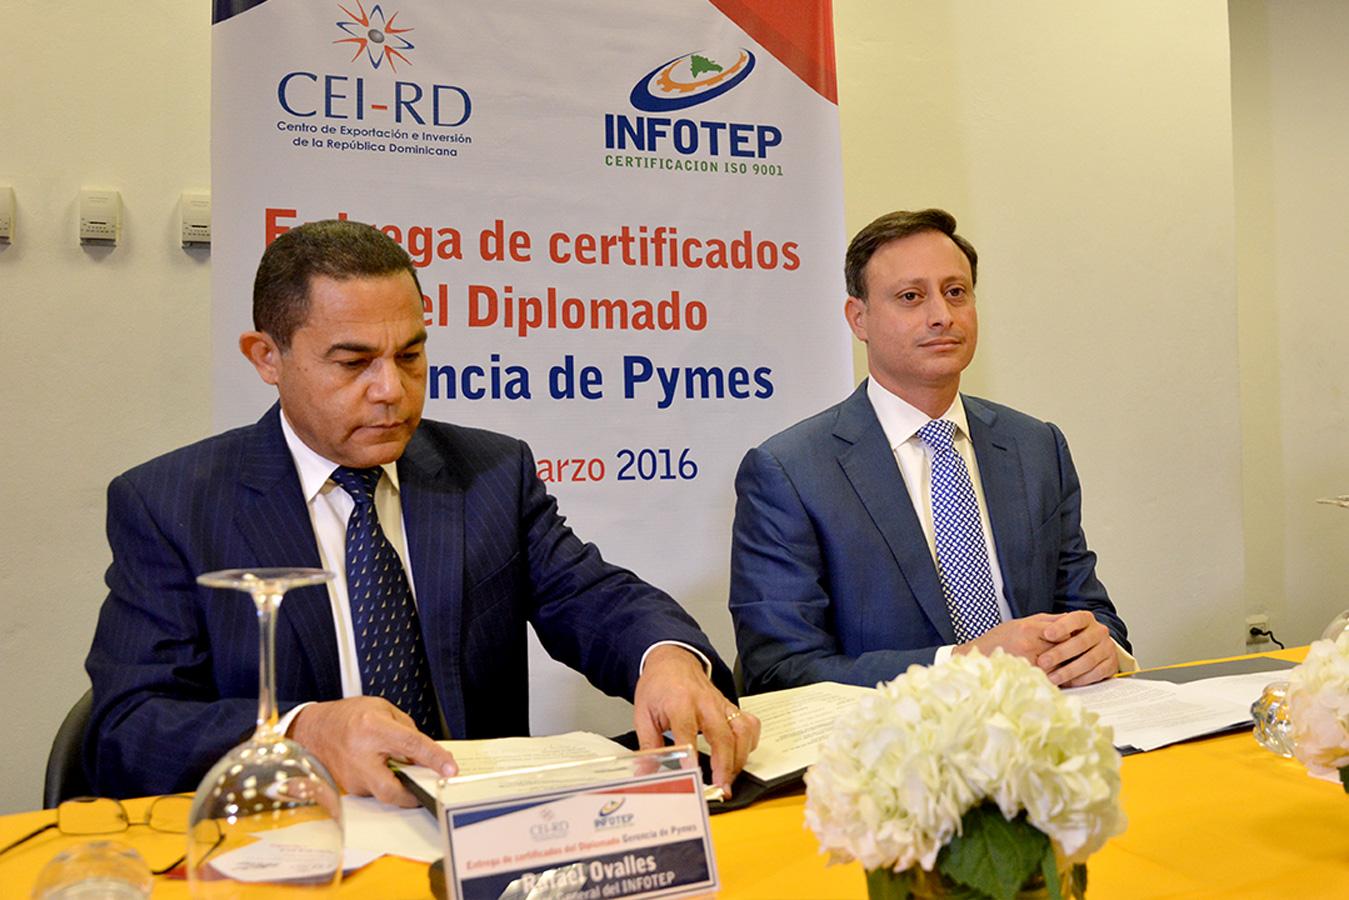 Rafael Ovalles y Jean Alain Rodríguez, durante la culminación del diplomado organizado por el Infotep y el CEI-RD | Gabriel Alcántara